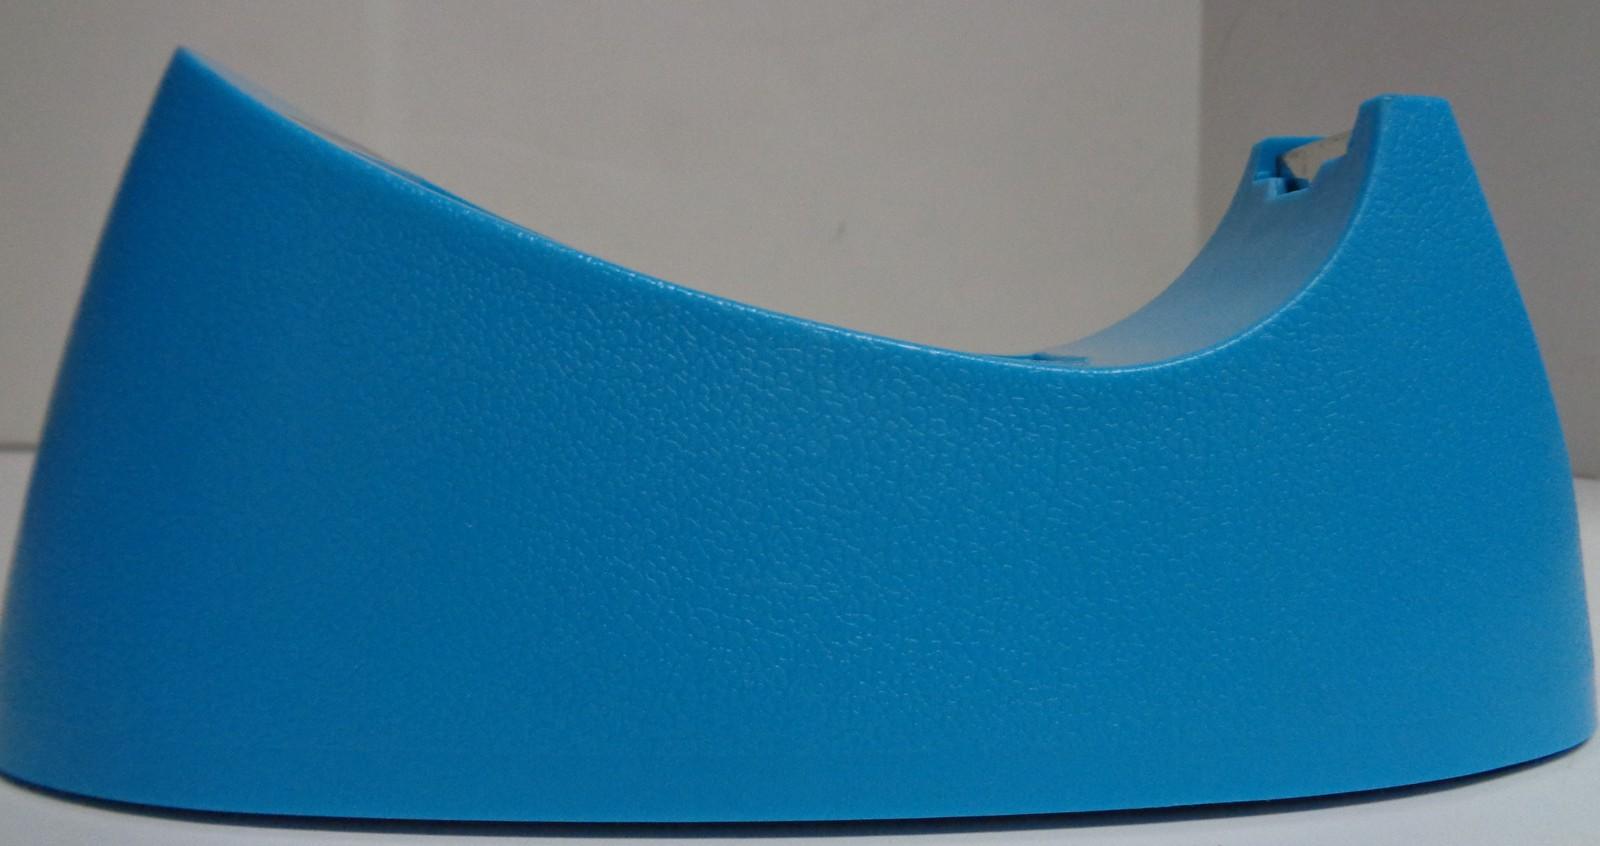 Bazic Office Tape Dispenser NIB Desktop Heavy Duty Blue